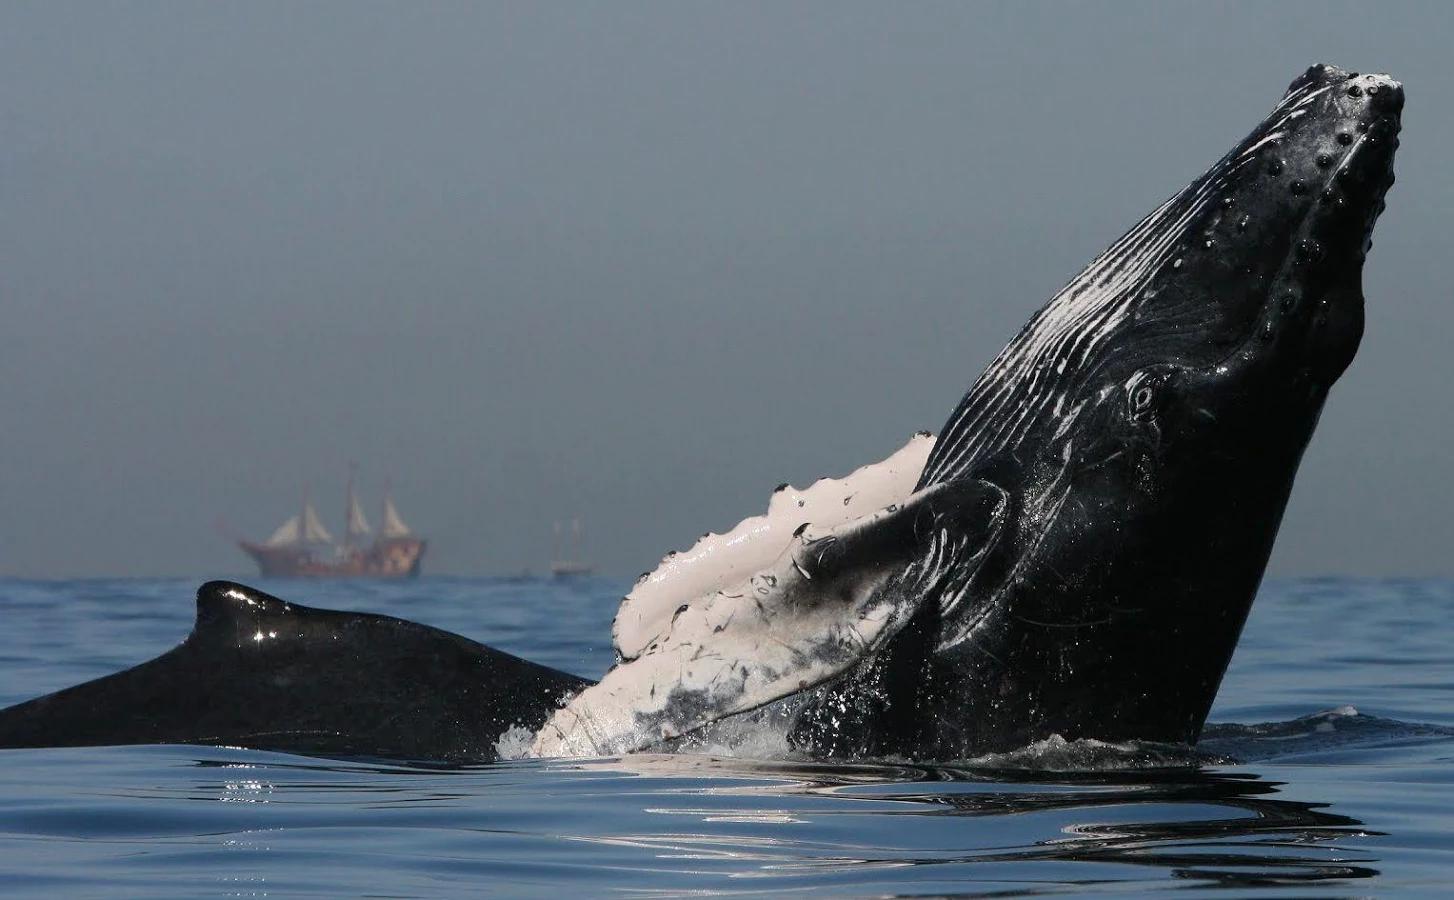 壁纸 动物 海洋动物 鲸鱼 桌面 1454_900